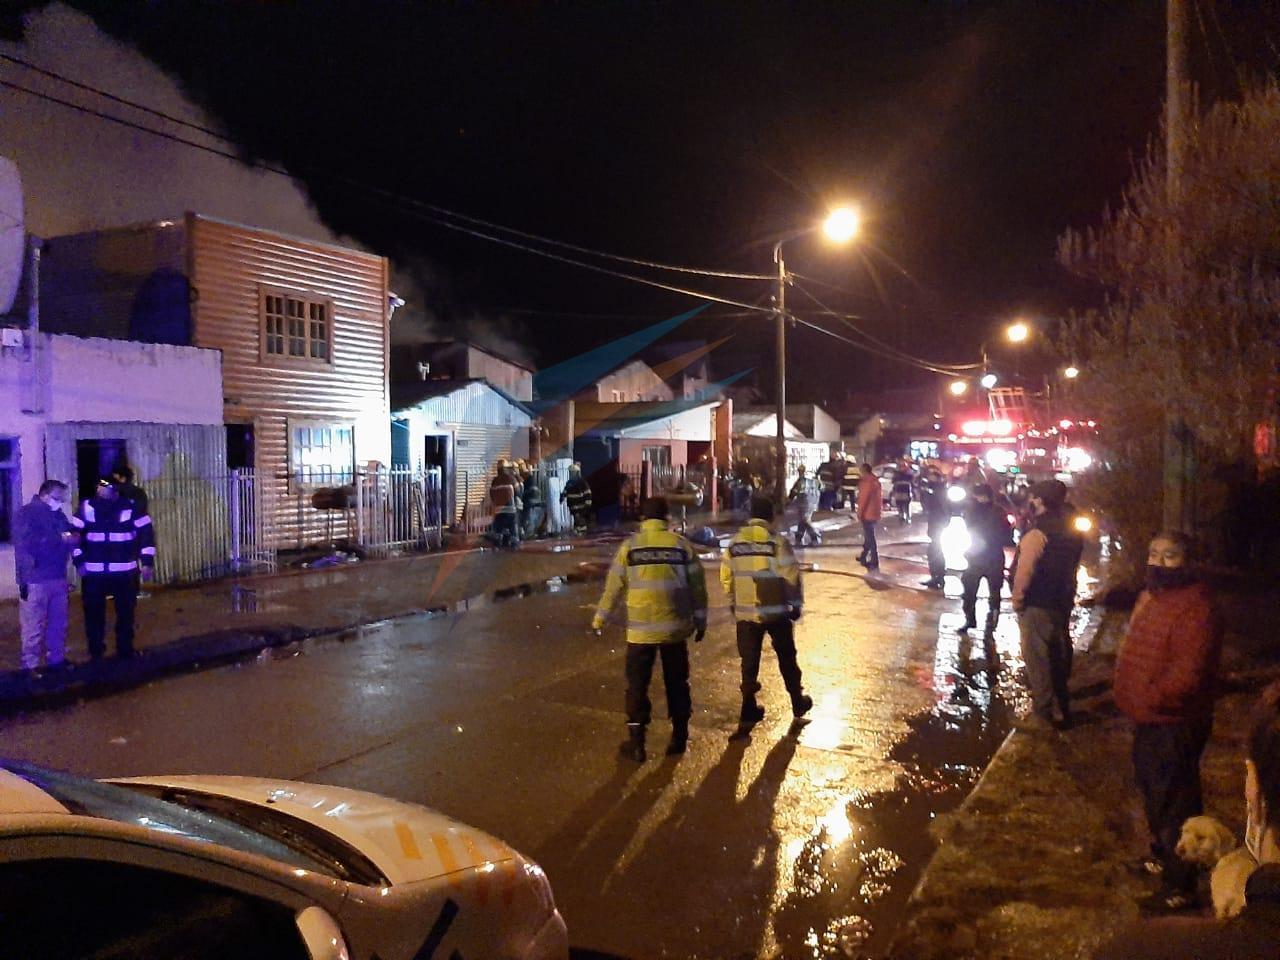 Numerosos centros de donación dispuestos para recibir la ayuda solidaria a los damnificados por el incendio